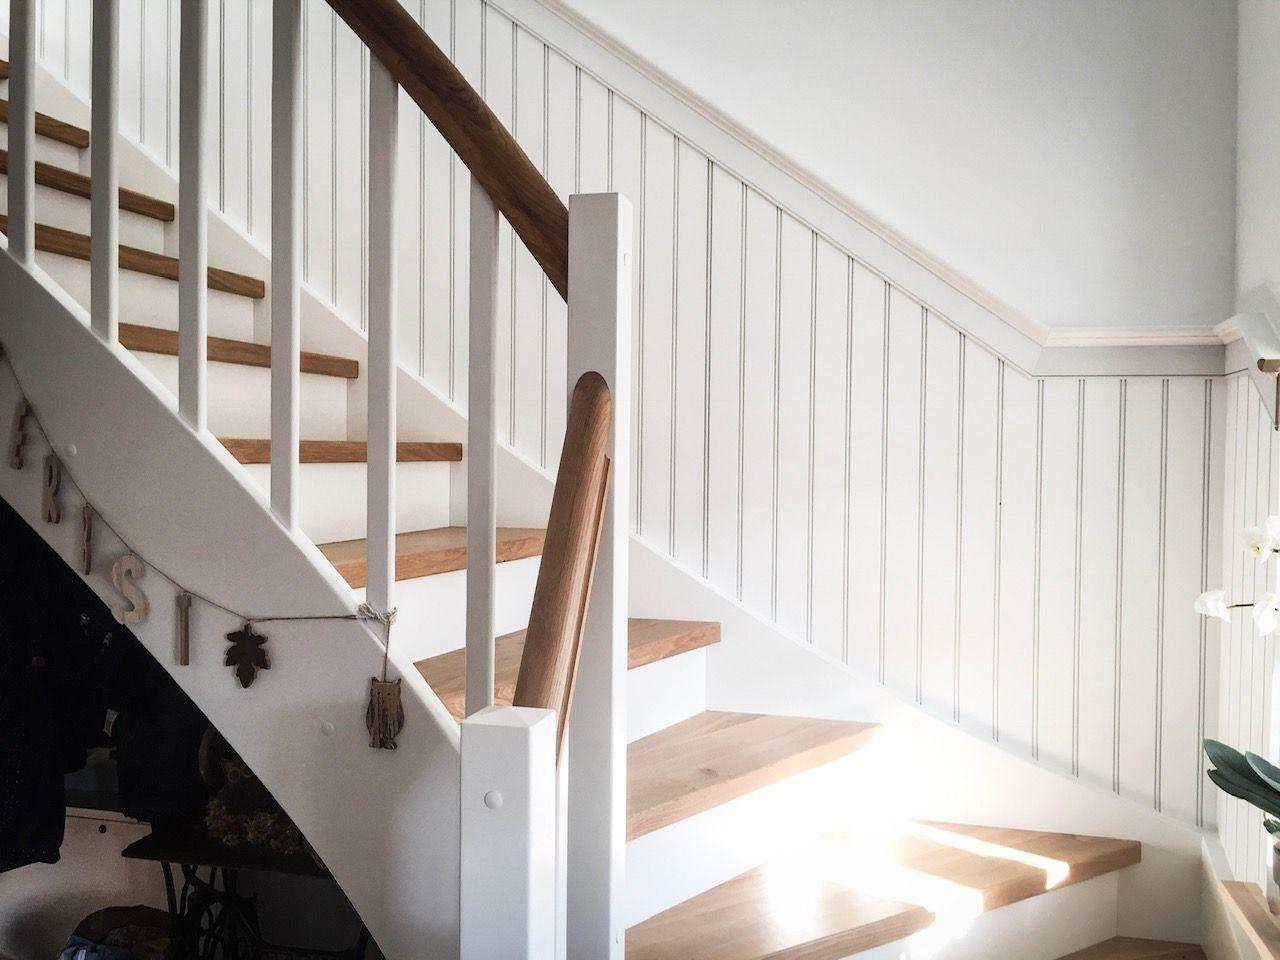 Beadboard De Wandverkleidung Treppenaufgang Treppenaufgang Wandverkleidung Treppe Haus